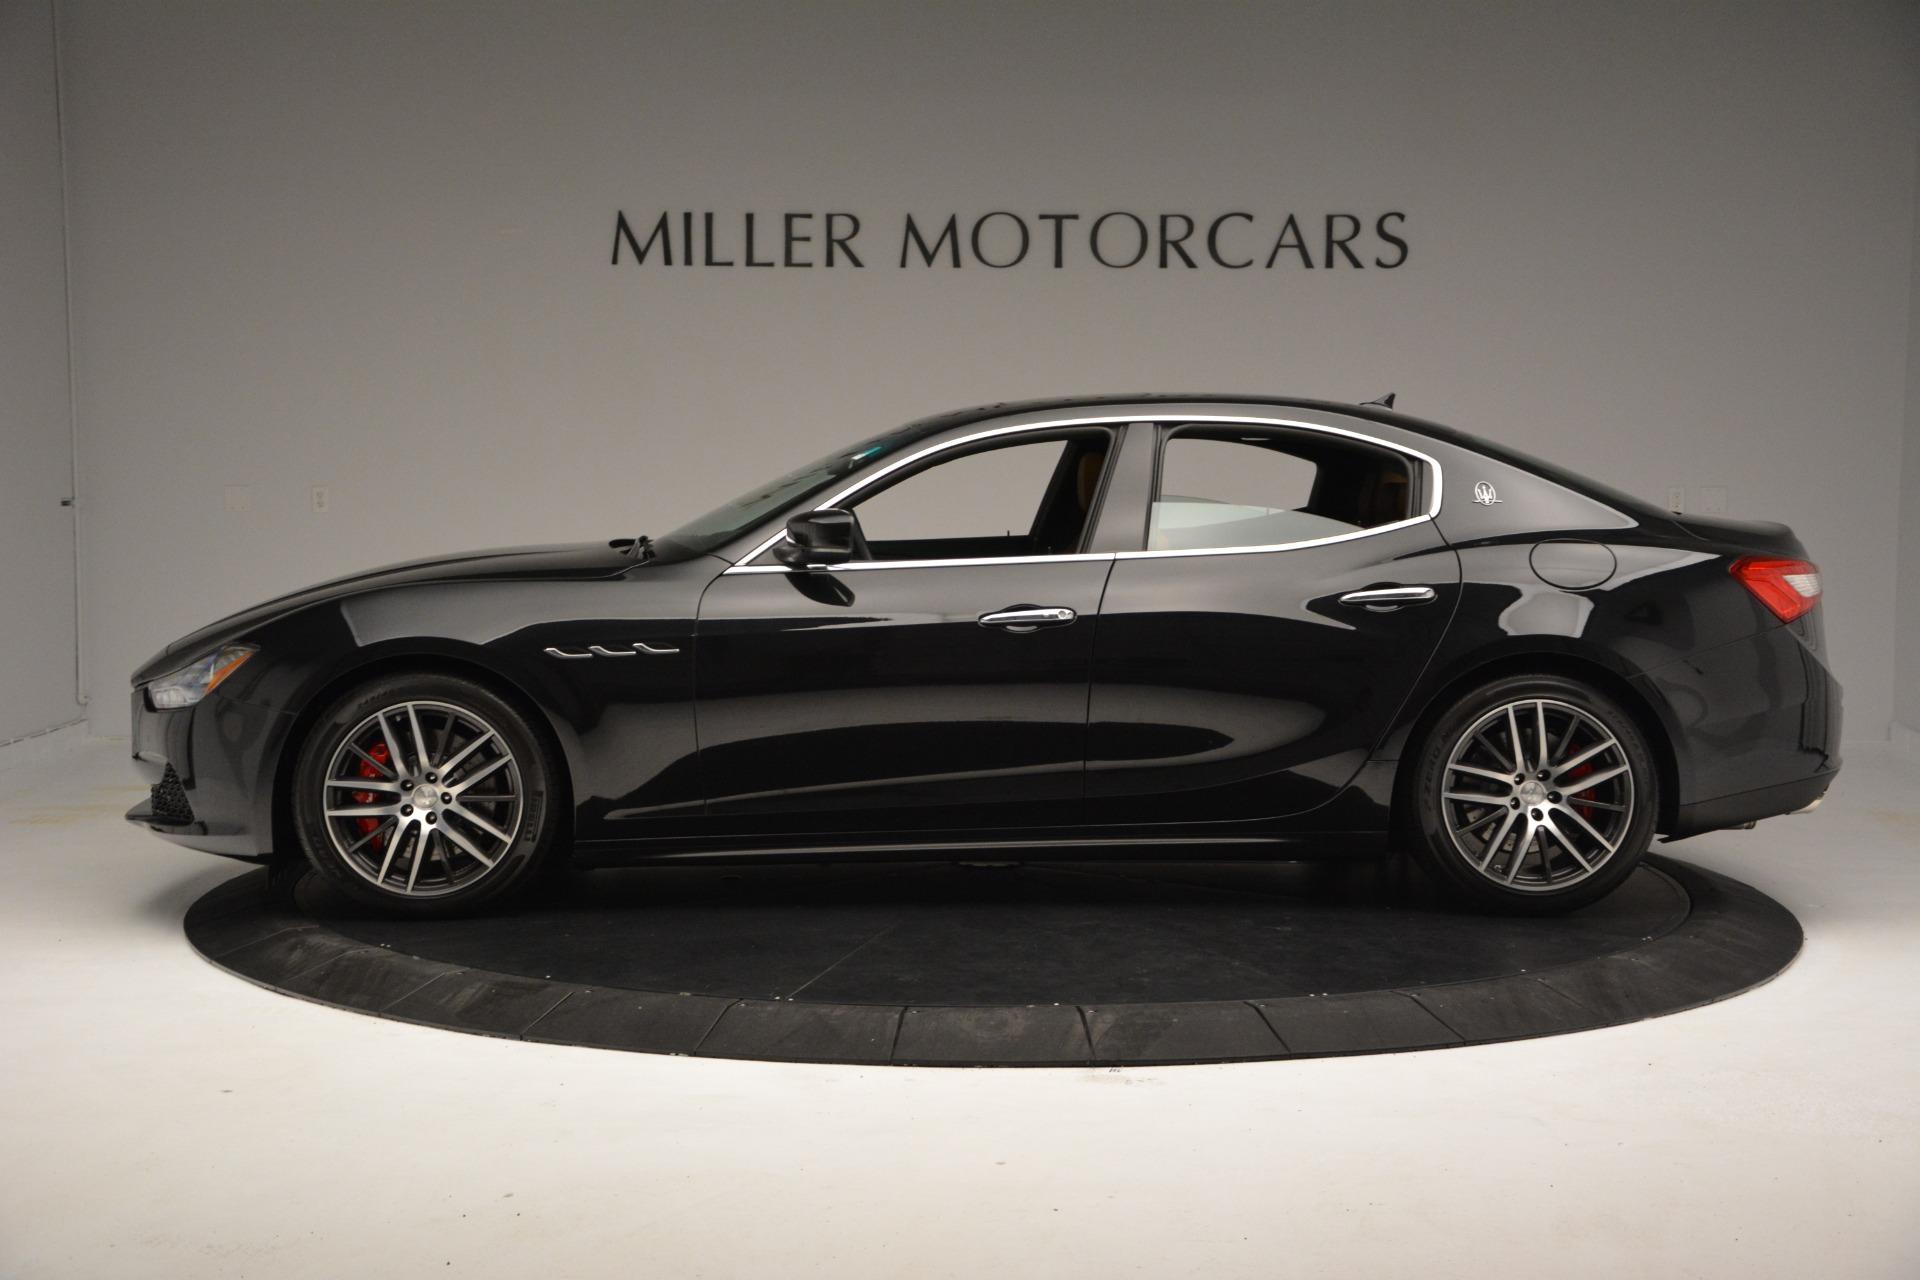 New 2017 Maserati Ghibli SQ4 S Q4